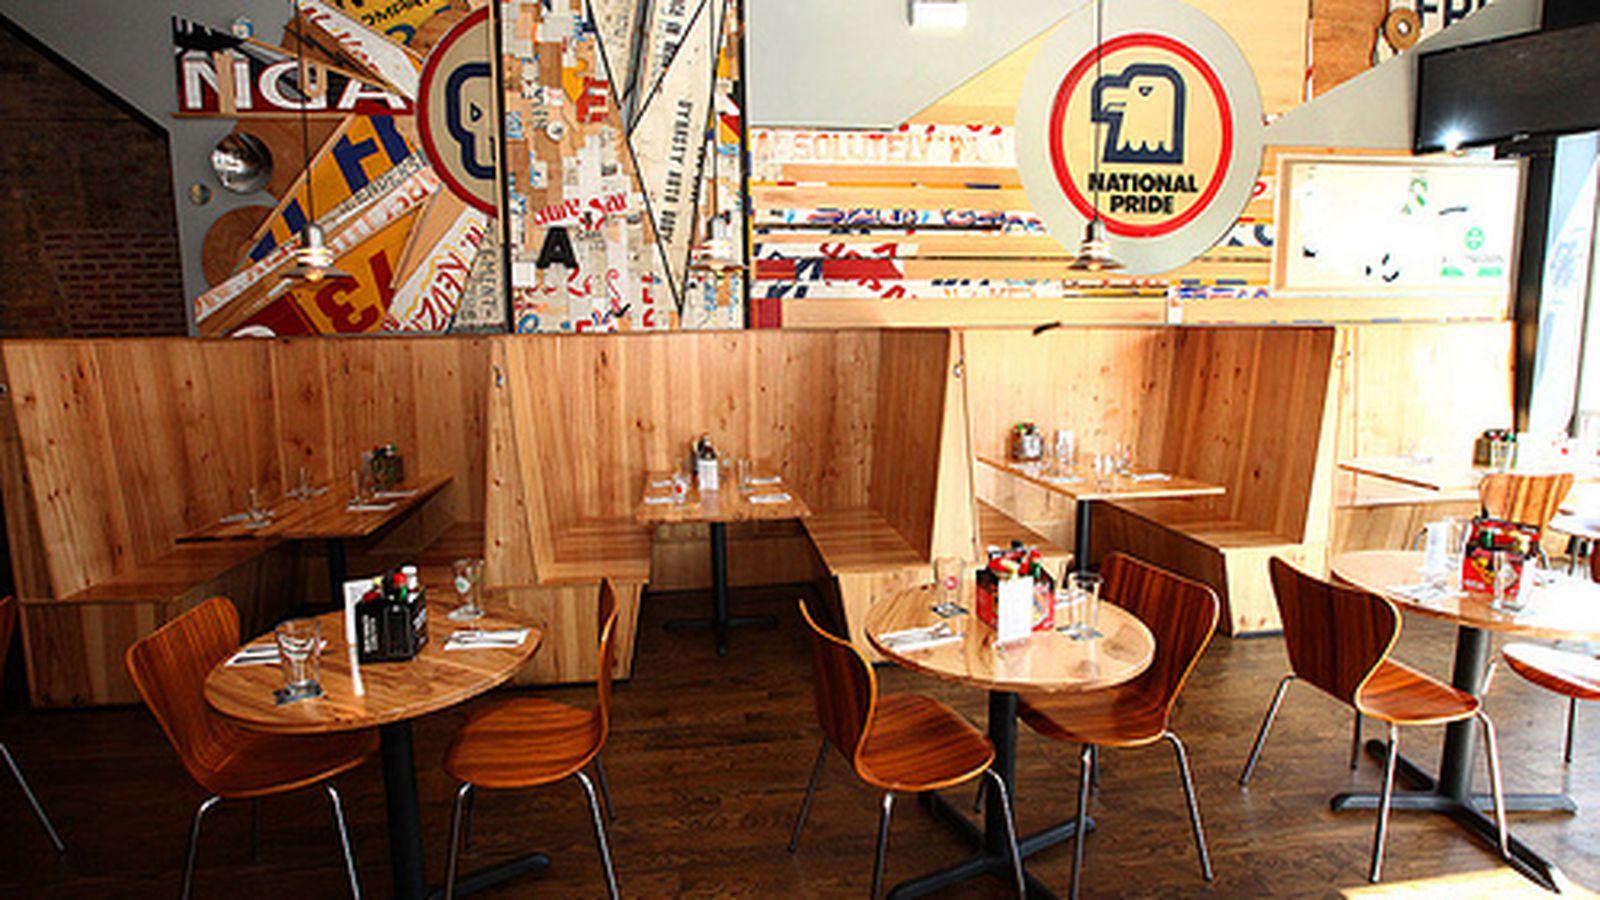 DMK Burger Bar - Eater Chicago